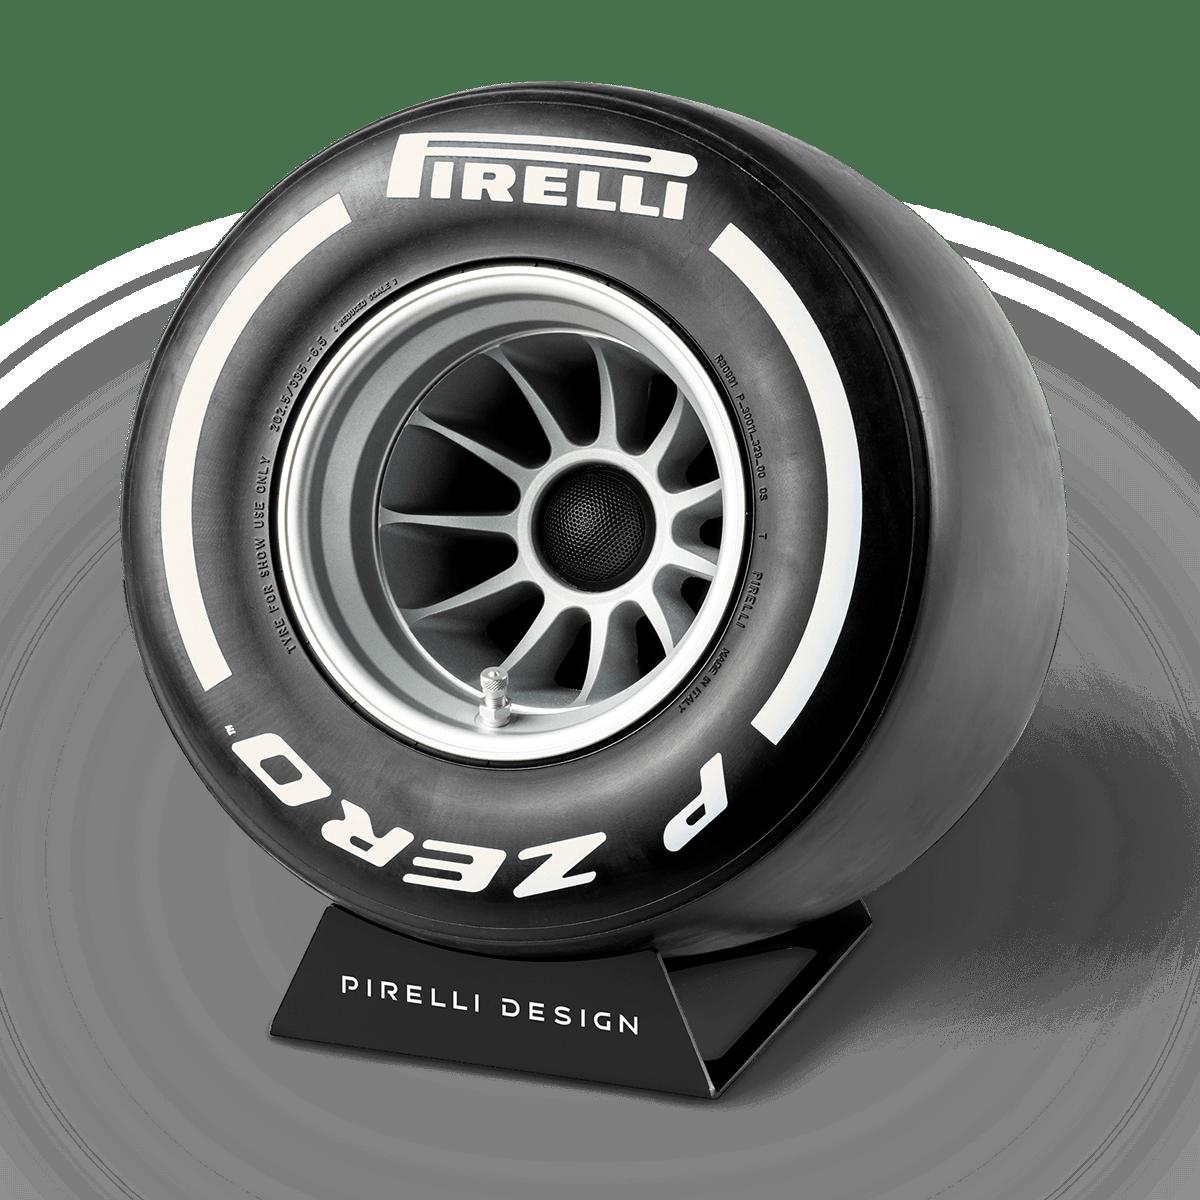 Pirelli P ZERO™ impianto stereo di design colore bianco